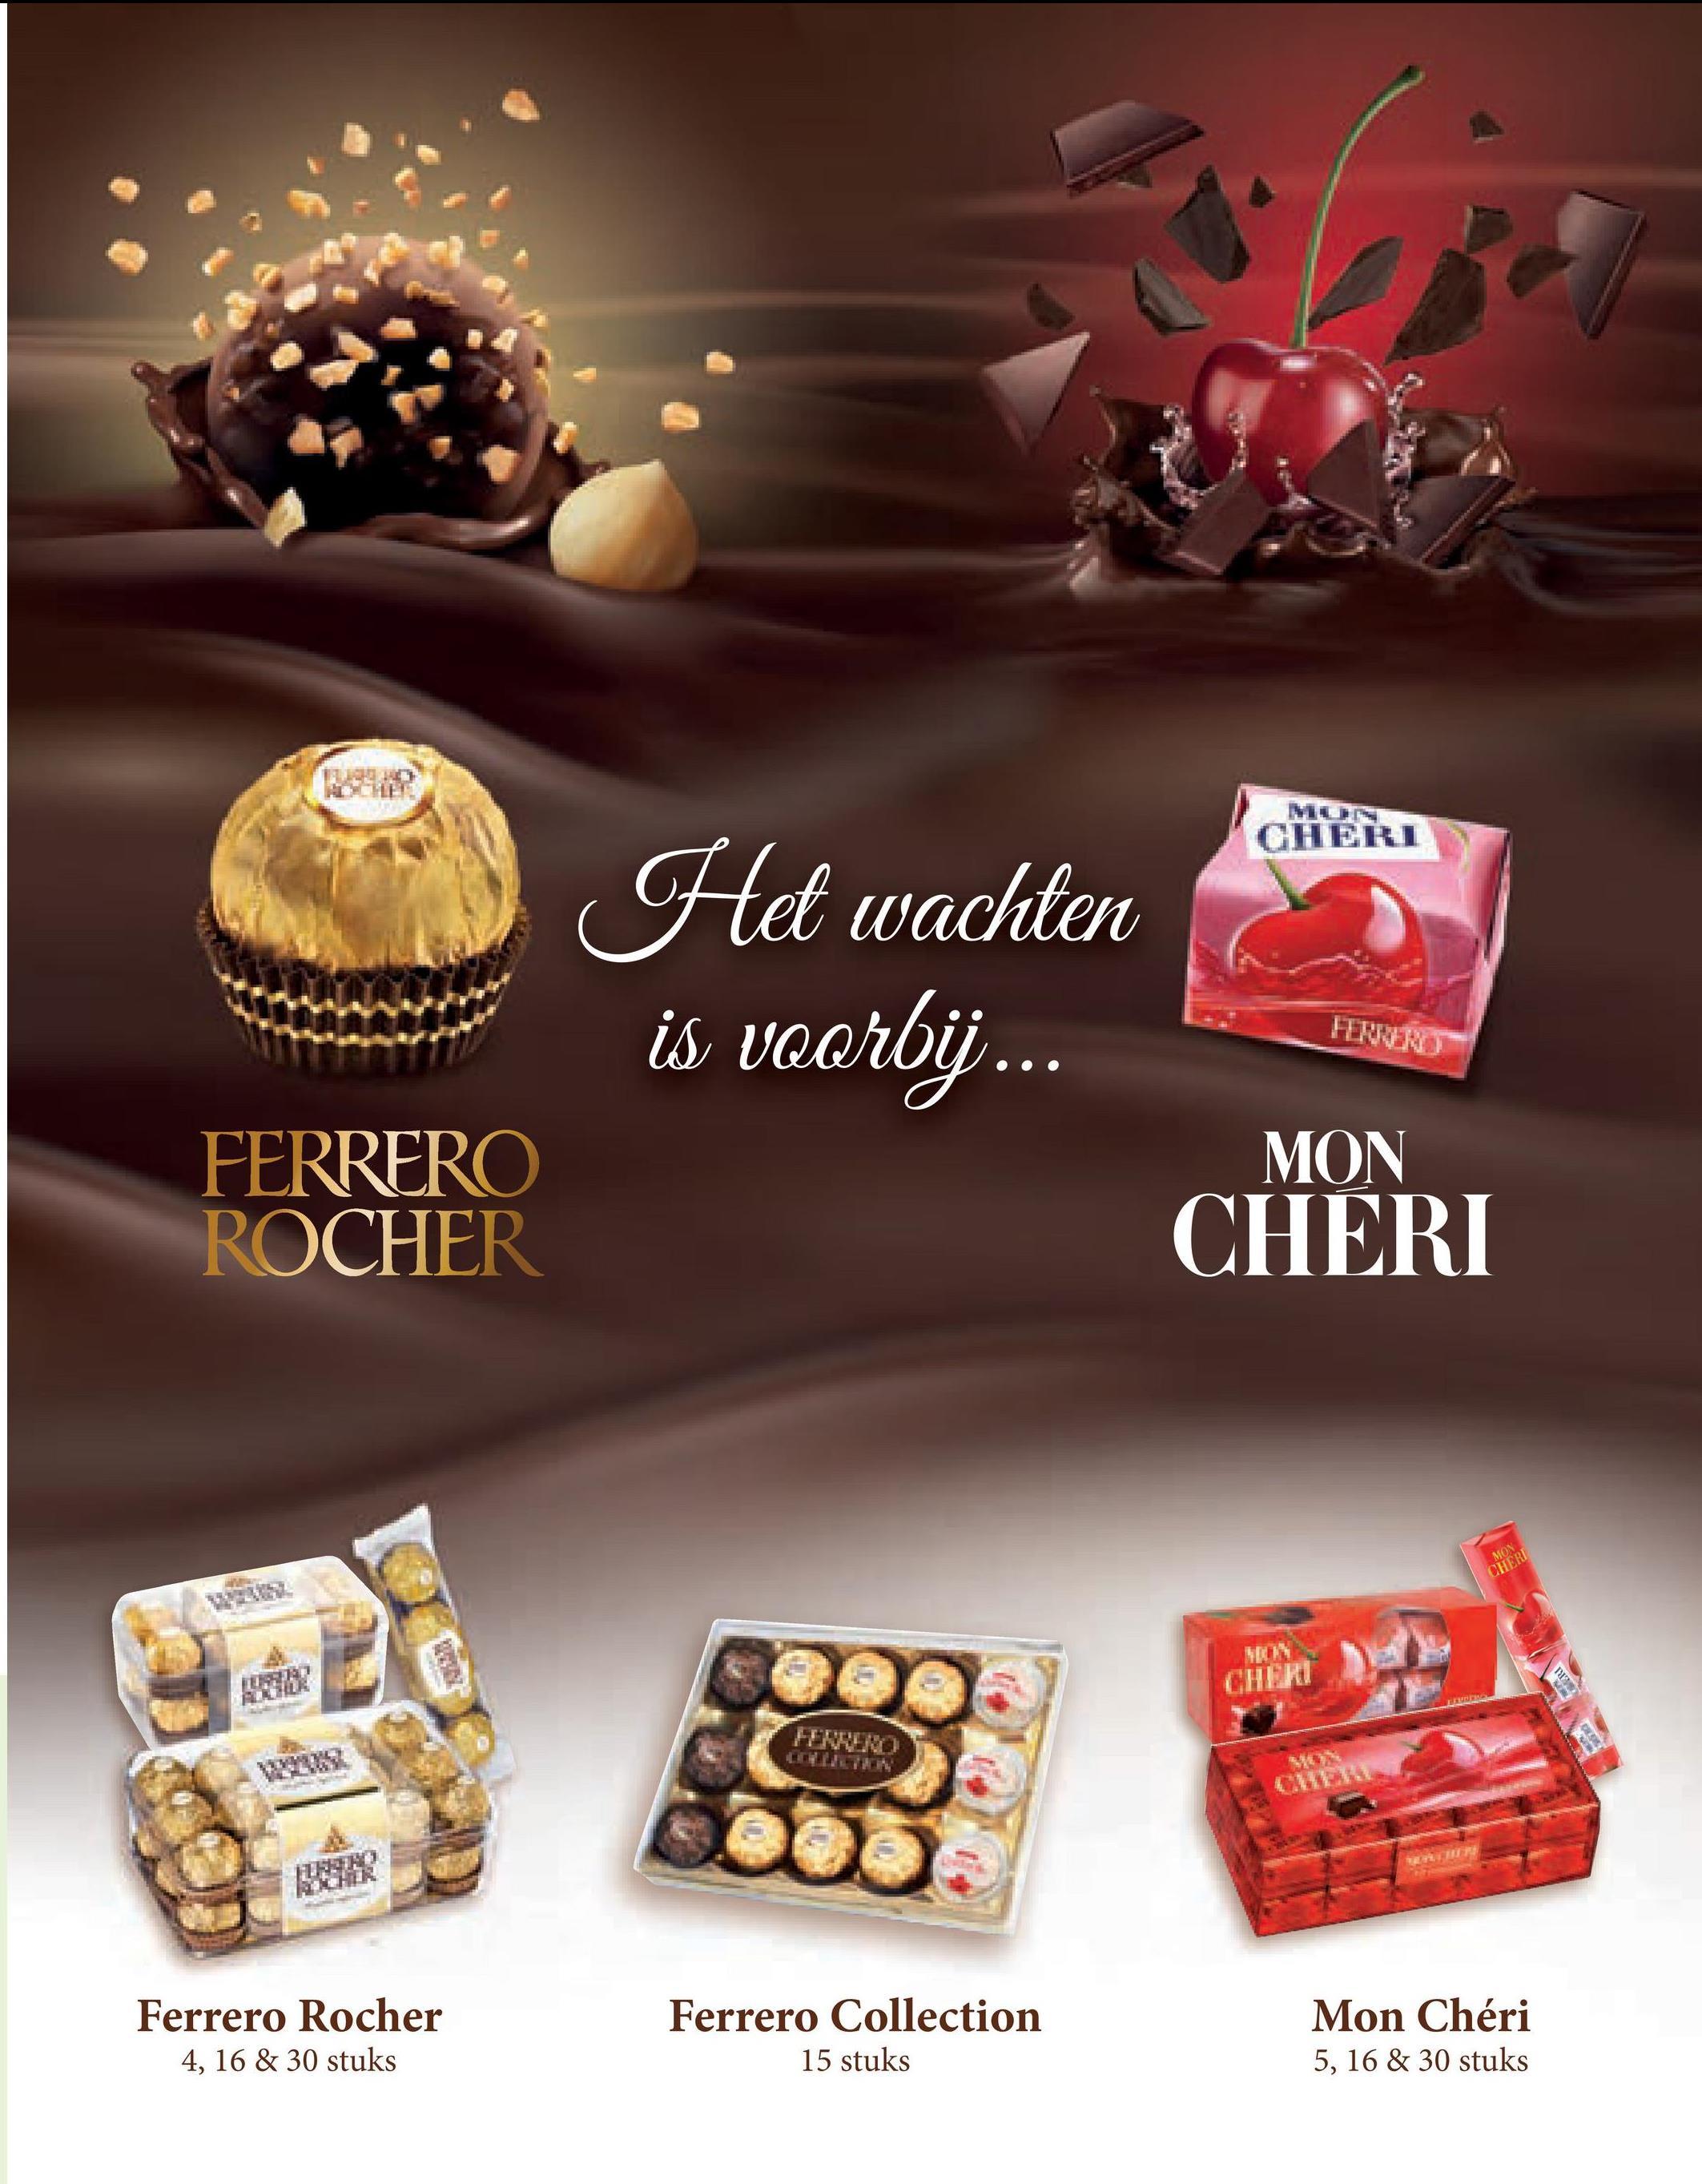 CHERI HUNT Het wachten is voorbij... MON CHERI FERRERO ROCHER MON CHERI CHERI ANNO WYN Ferrero Rocher 4, 16 & 30 stuks Ferrero Collection 15 stuks Mon Chéri 5, 16 & 30 stuks